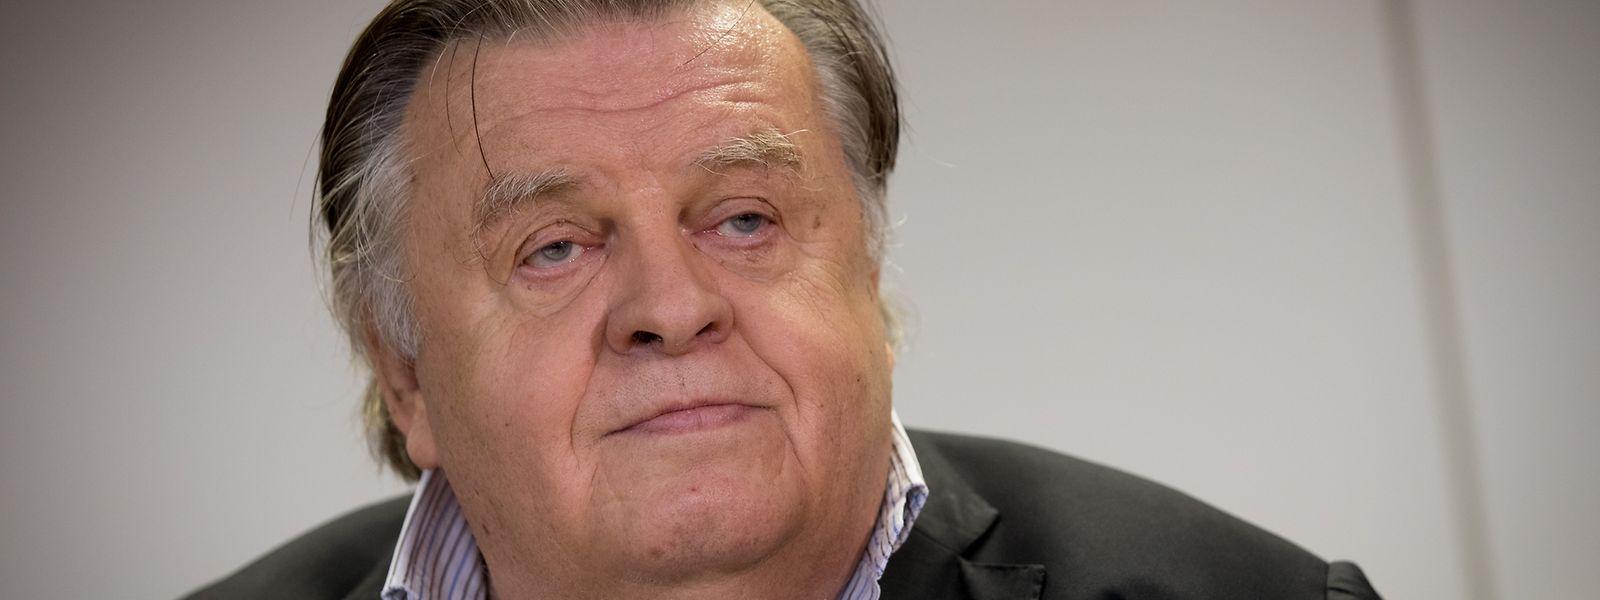 Hat neben Wien und Monte Carlo auch einen Wohnsitz in Luxemburg: der ehemalige RTL-Chef Helmut Thoma.